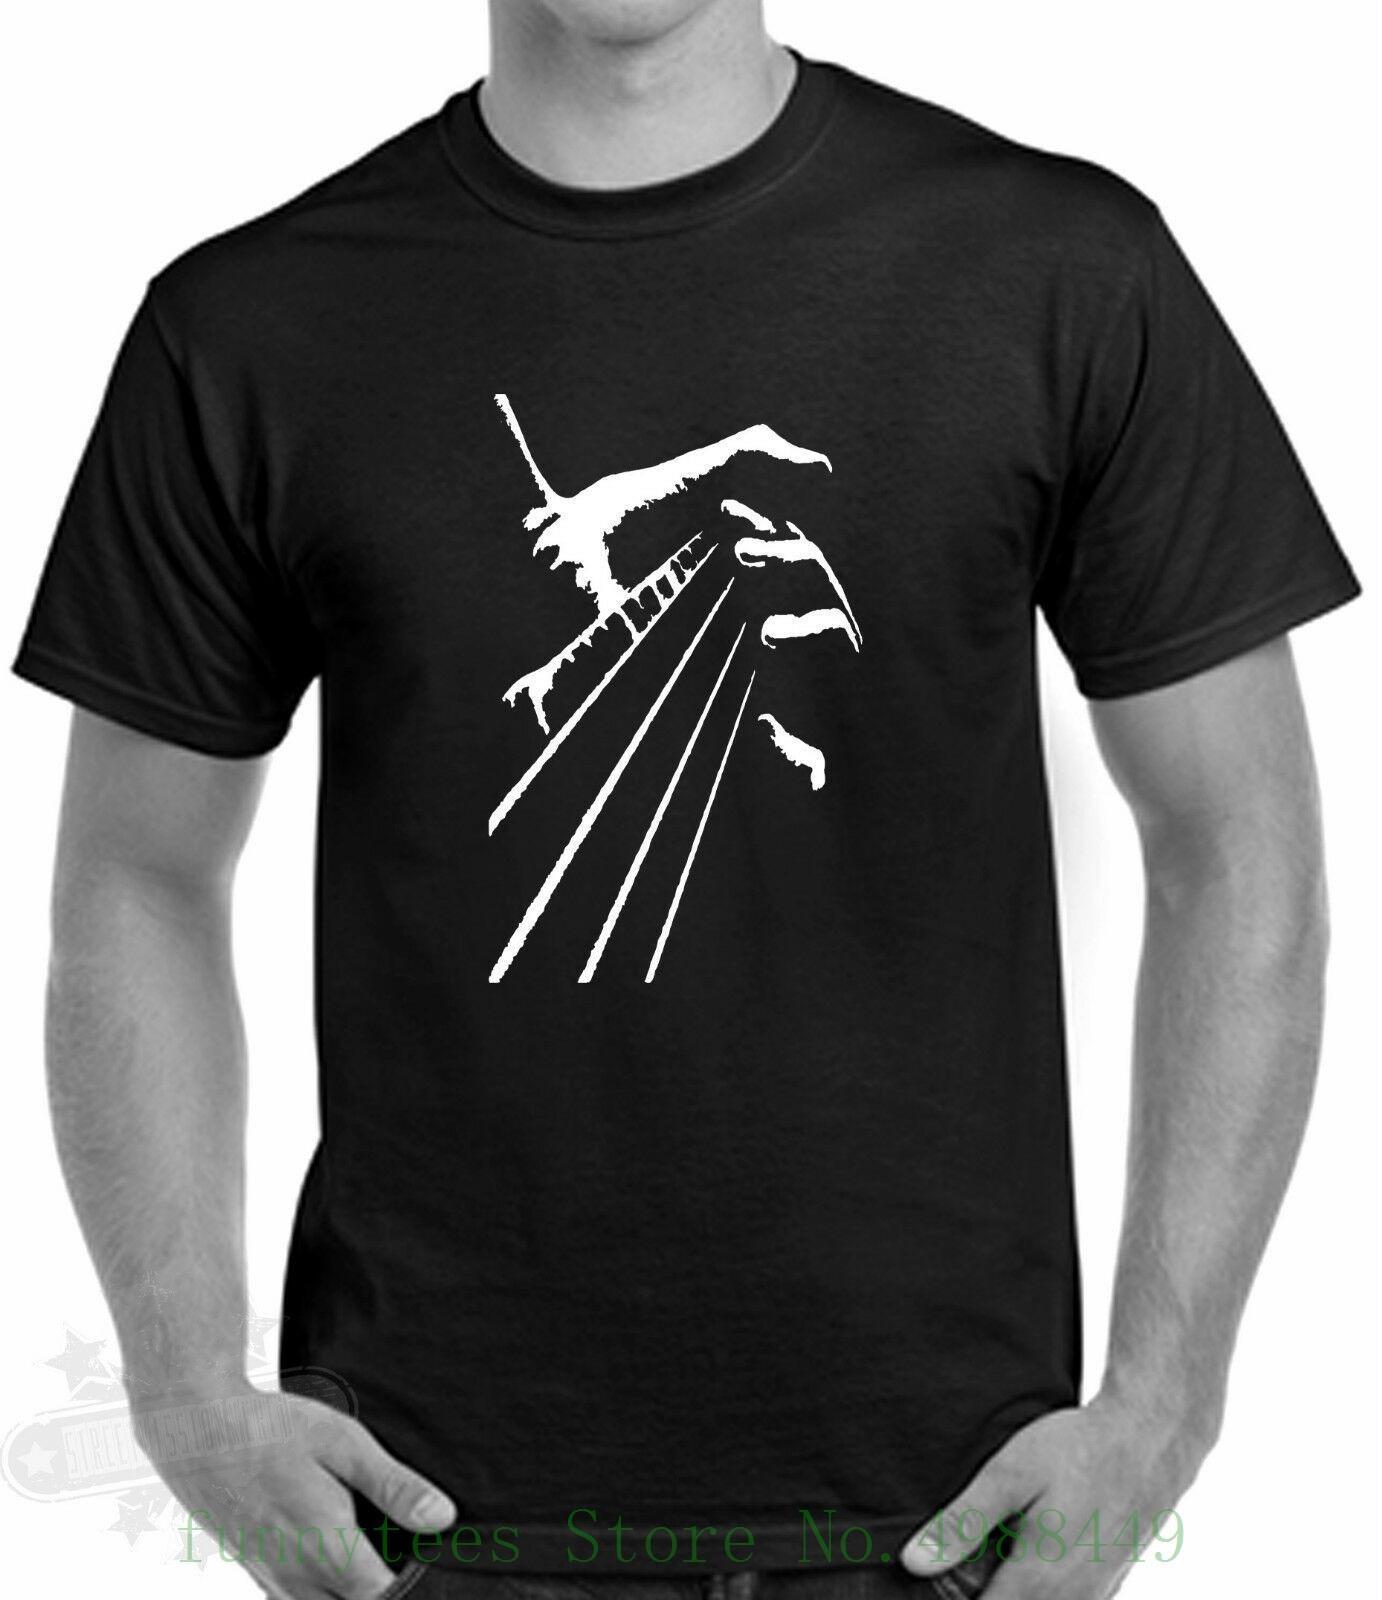 Bass-Gitarren-Bass-Spieler-Strings T-Shirt-Ausschnitt Fret Musik Jan Verkauf Qualität Drucken Neue Sommer-Art-Baumwolle T200304